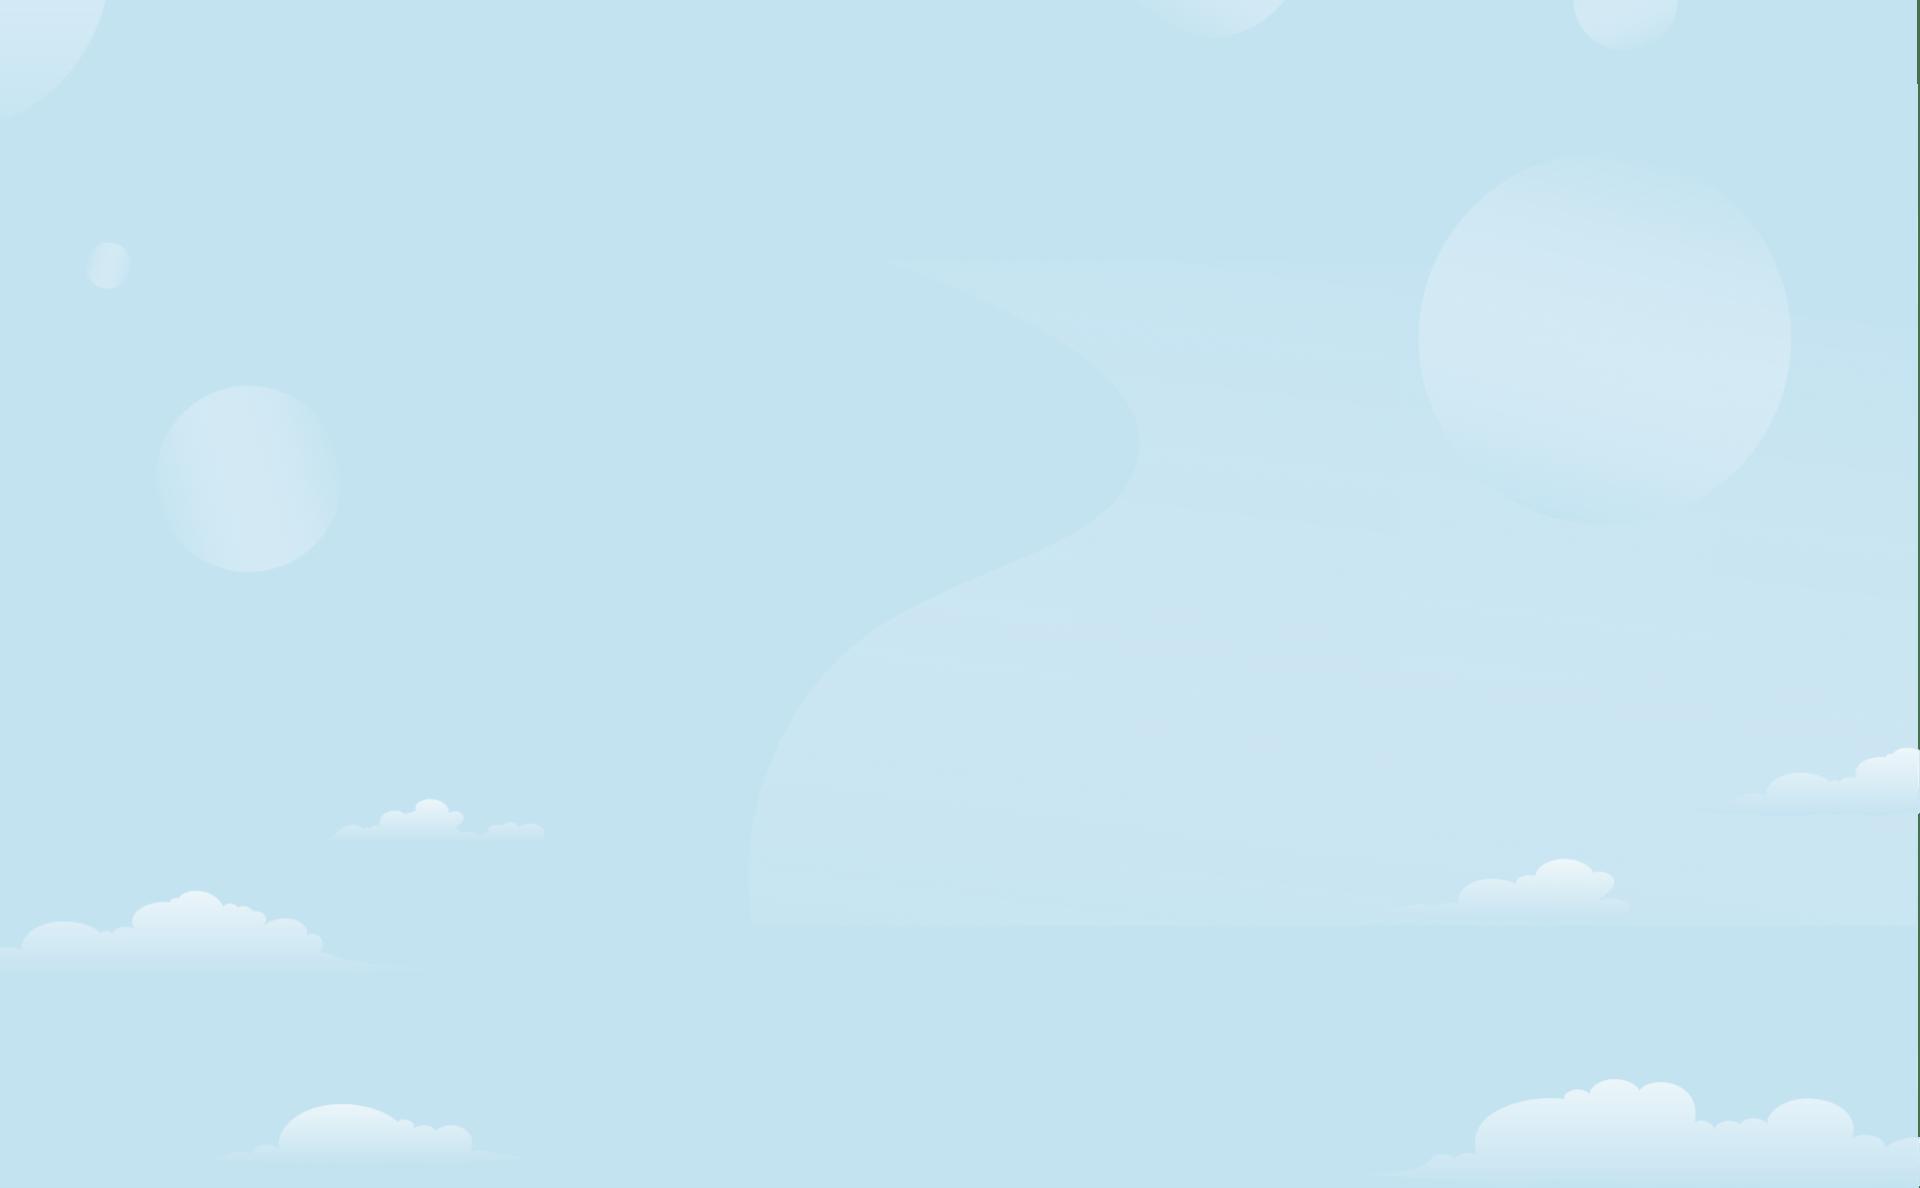 blue-clouds